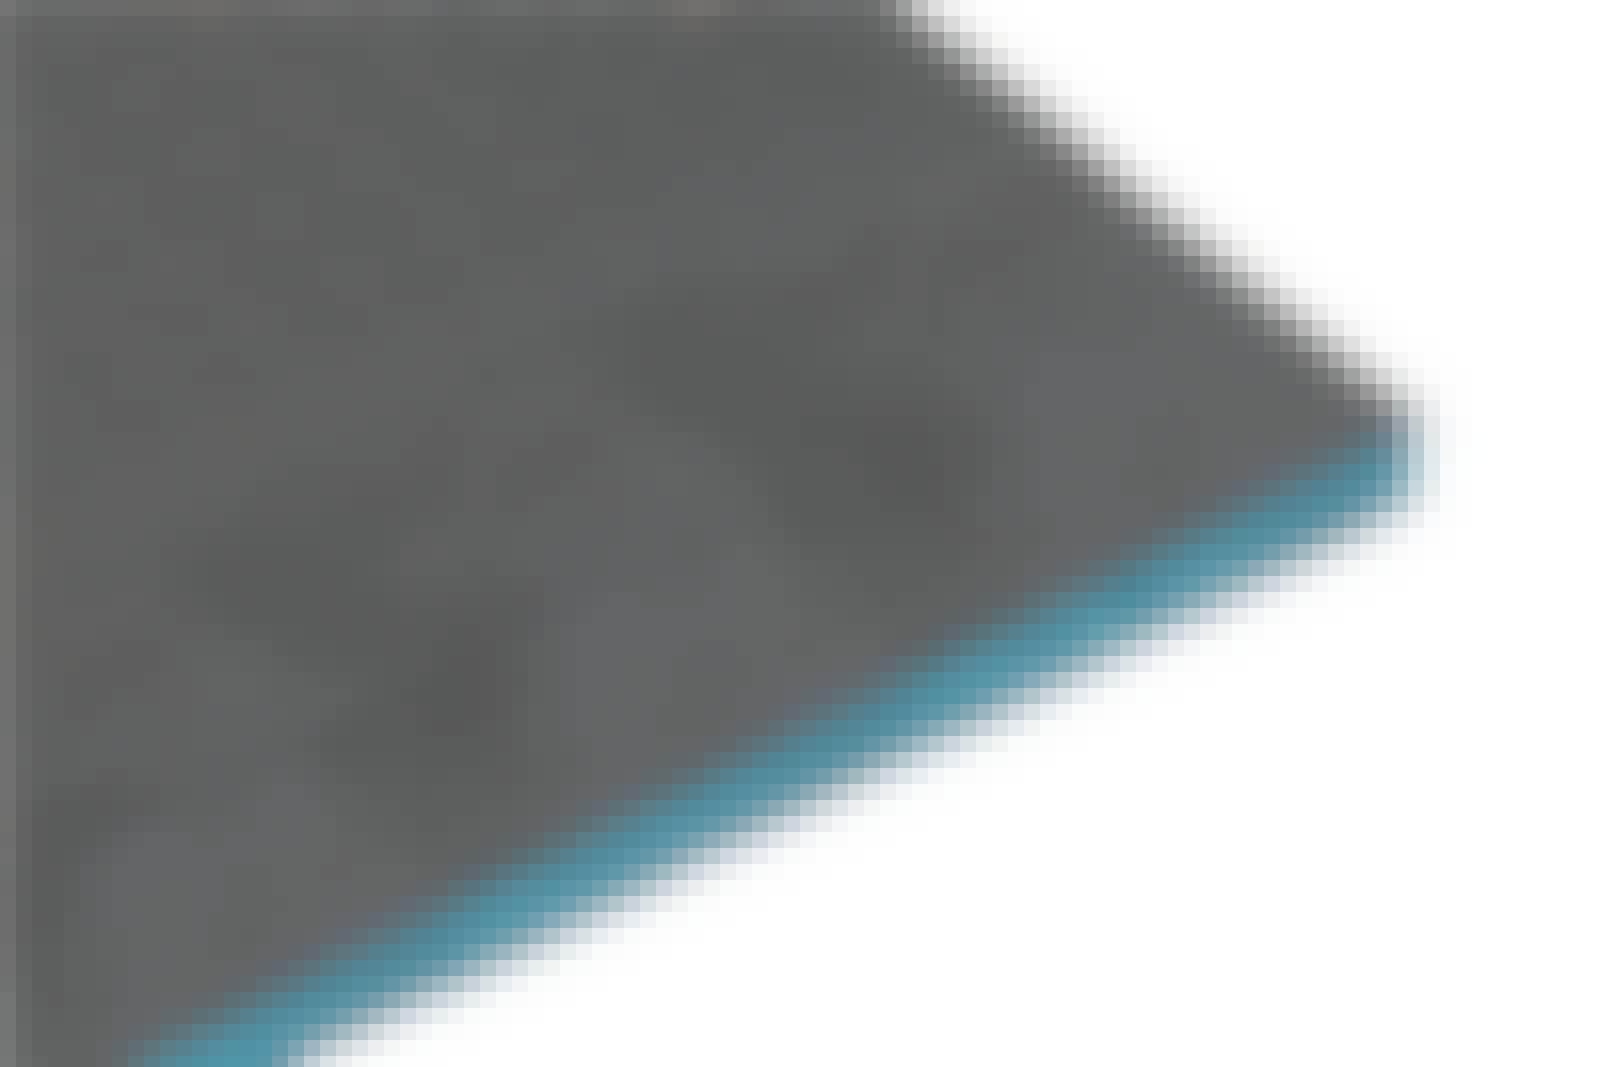 Polystyren: Lette plater til vegger, gulv og våtrom